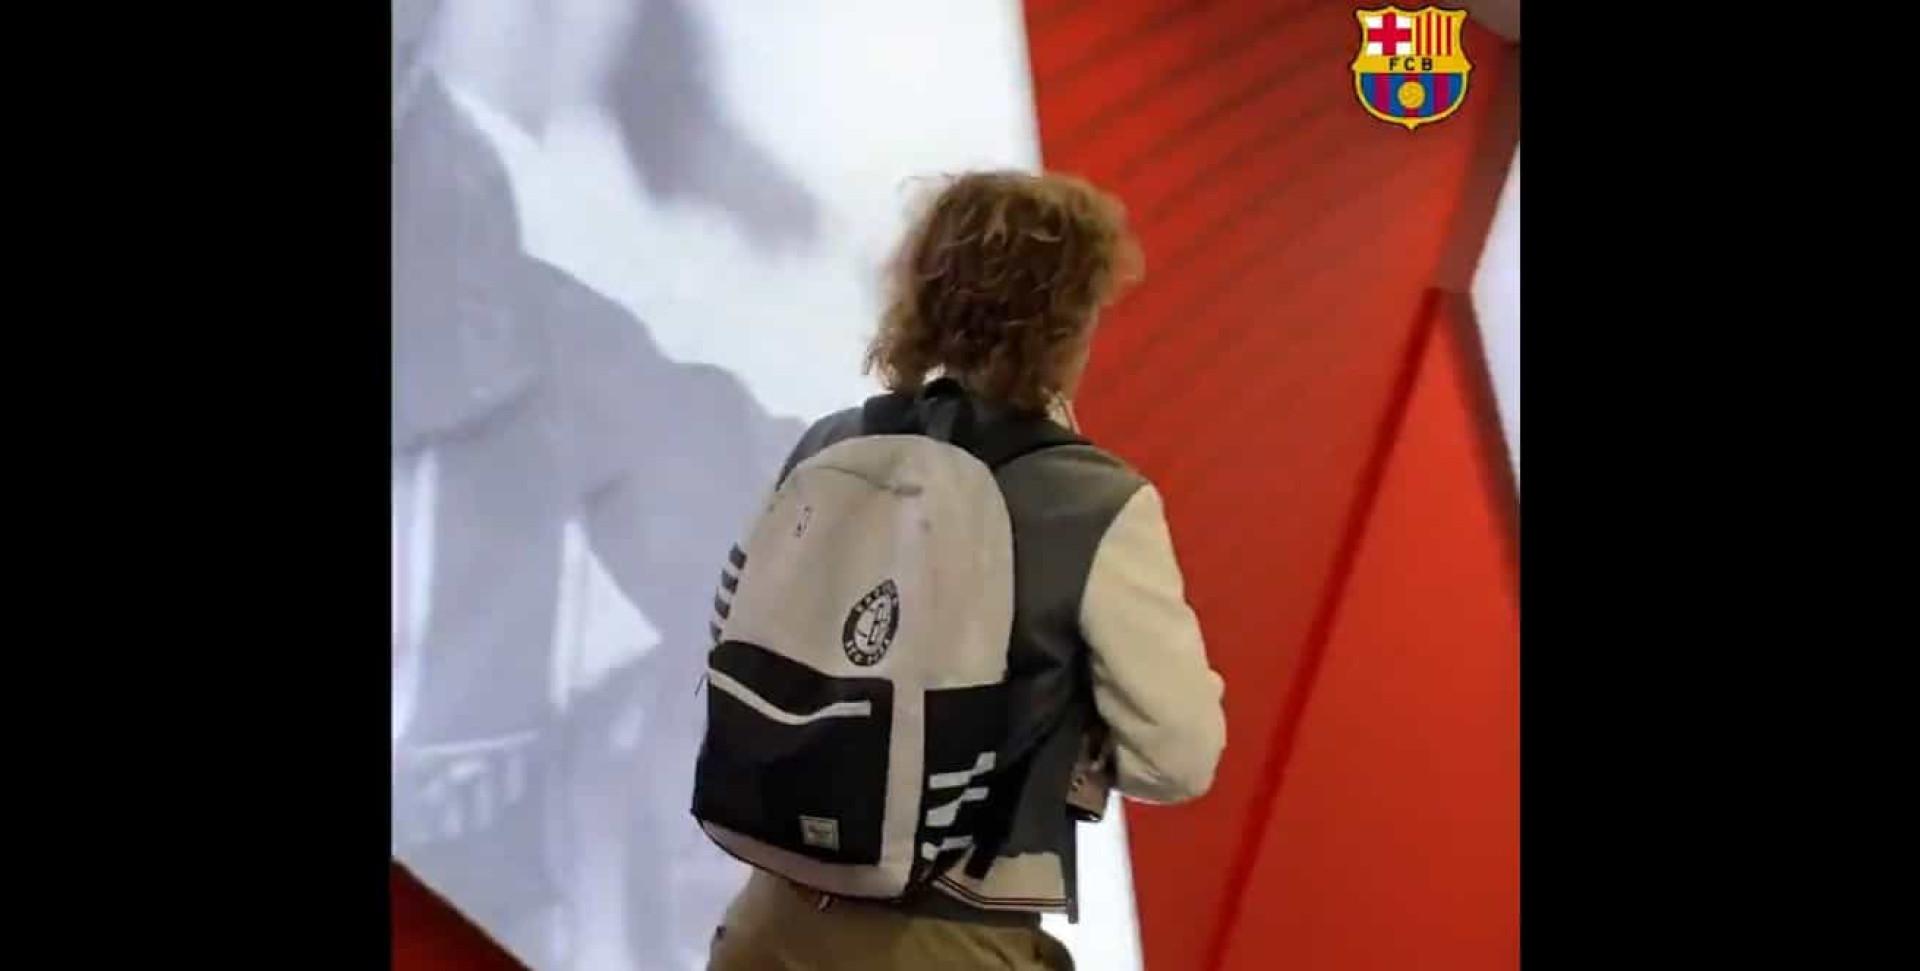 O que significa o gesto de Griezmann em Madrid e que toda a gente fala?